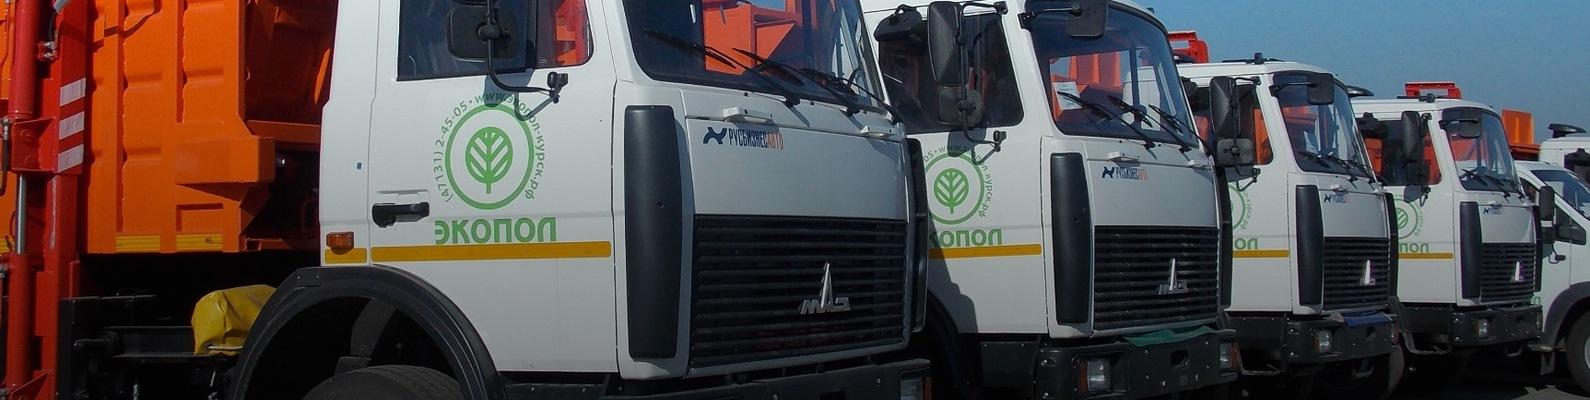 Курские антимонопольщики пришли к выводу, что тарифы «Экопола» на вывоз мусора могут быть завышены